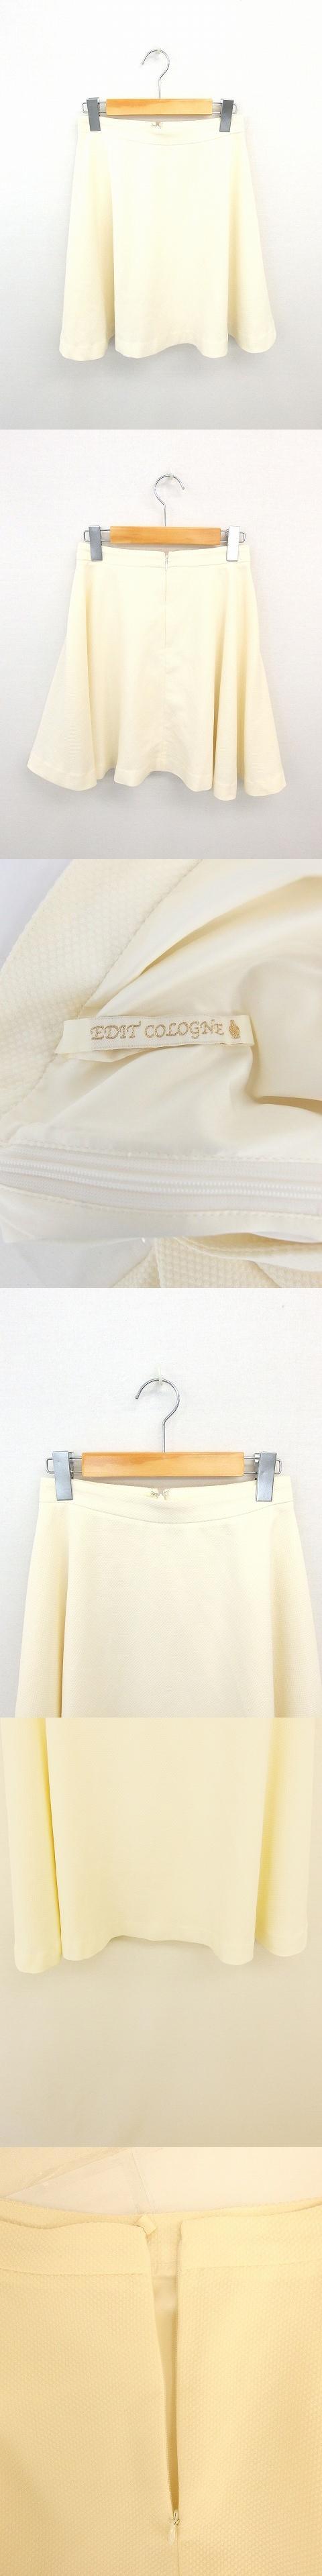 エディットコロン EDIT COLOGNE スカート フレア ひざ丈 無地 シンプル 2 白 オフホワイト /TT46